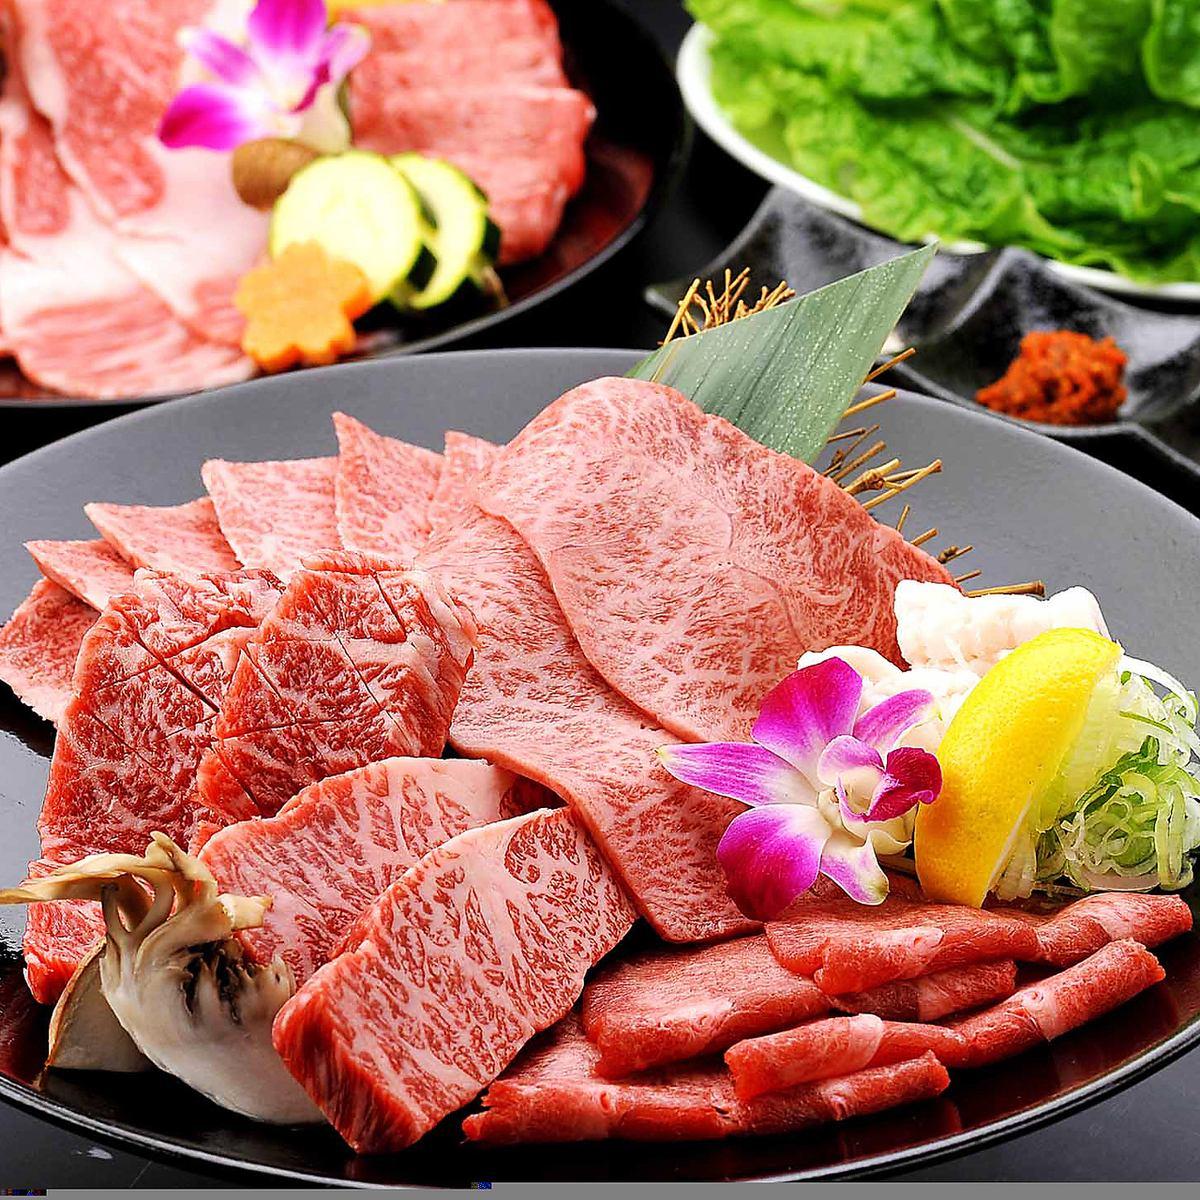 特上和牛・希少部位・白老牛など焼肉食べ飲み放題プラン各種